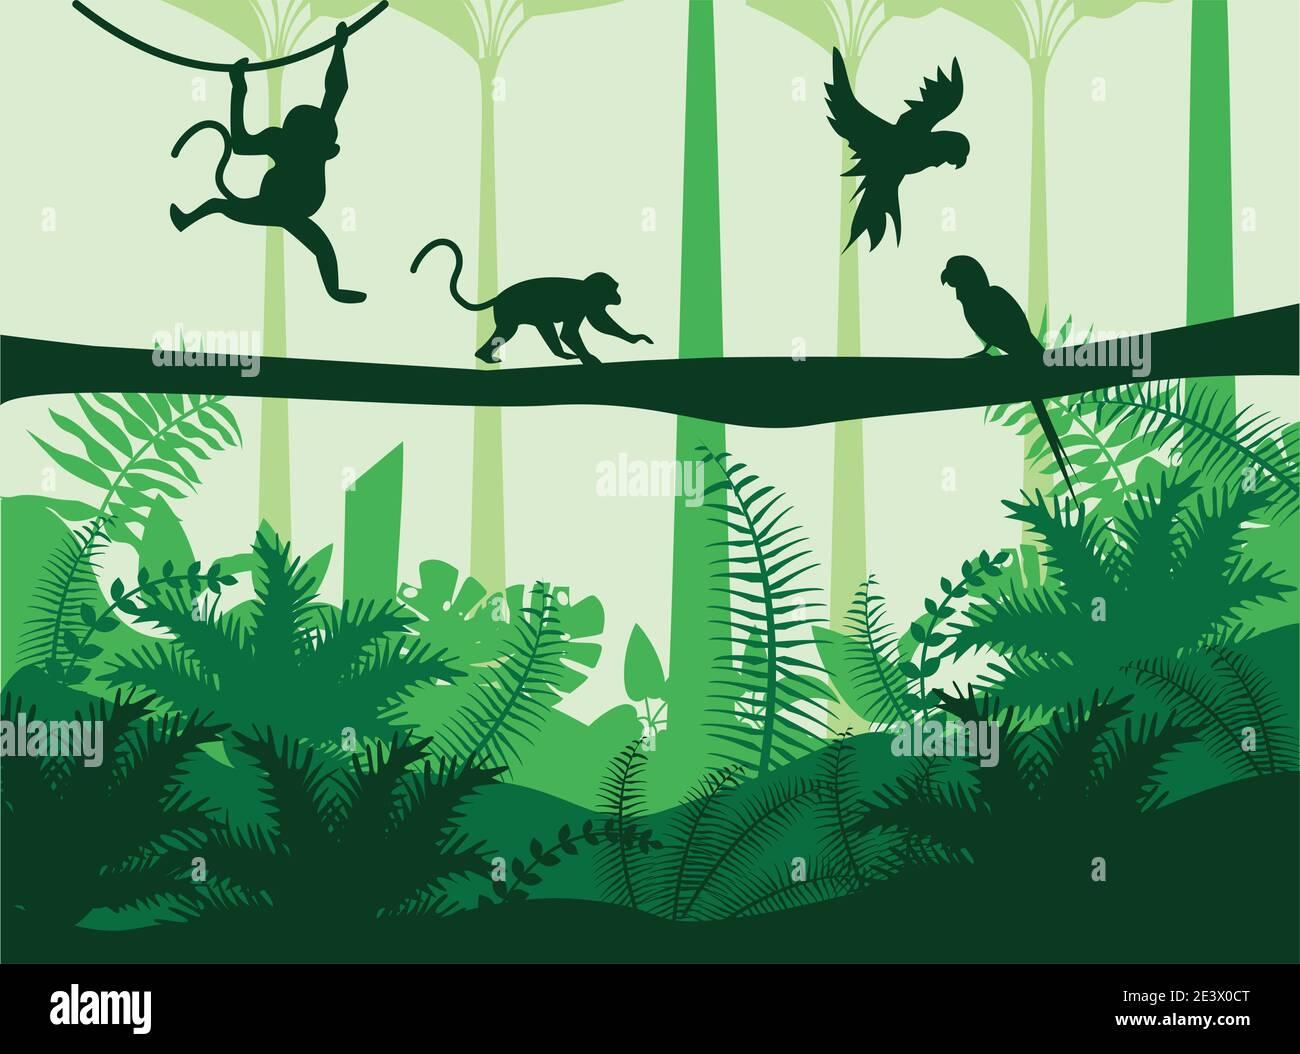 selva naturaleza salvaje verde paisaje de color verde con monos y loros diseño de ilustración vectorial de escena Ilustración del Vector